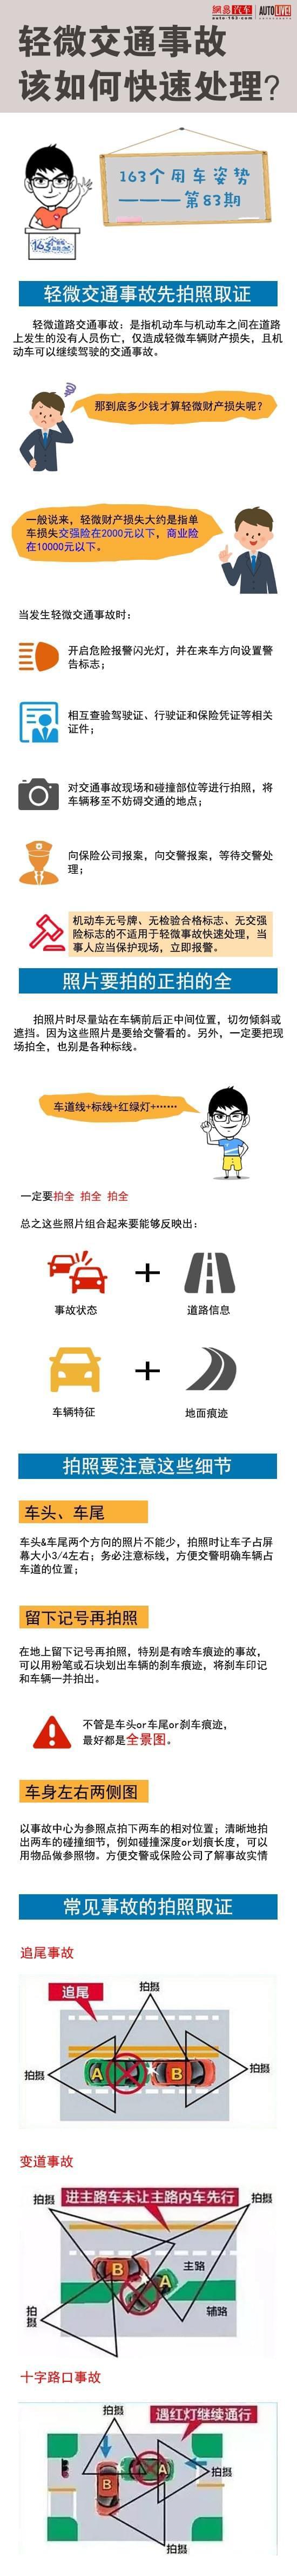 因小事故下车理论致堵7公里 轻微事故该如何处理?